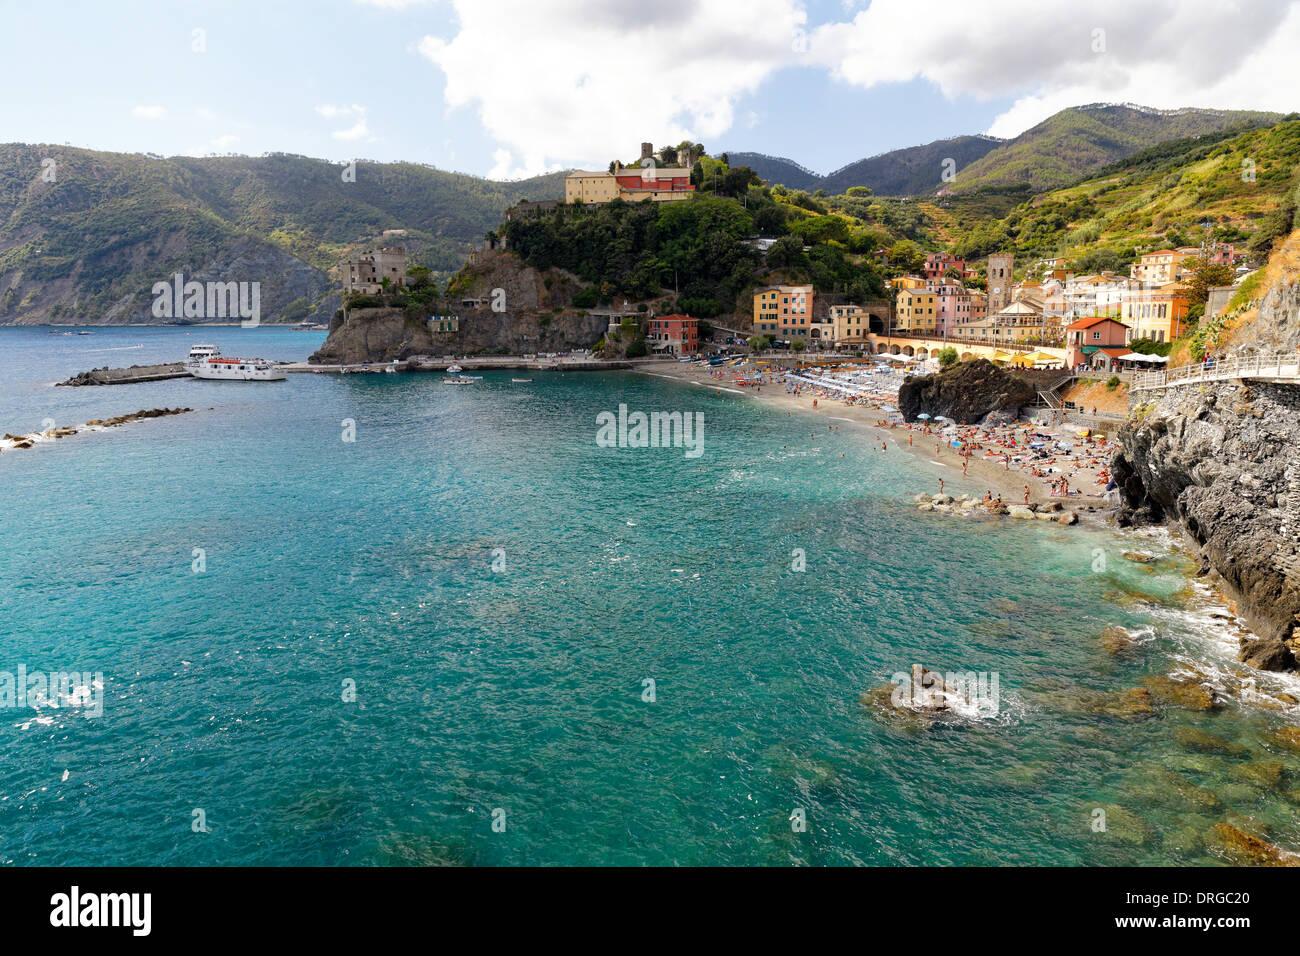 Angolo di alta vista di una città costiera, Monterosso Al Mare, Cinque Terre Liguria, Italia Immagini Stock